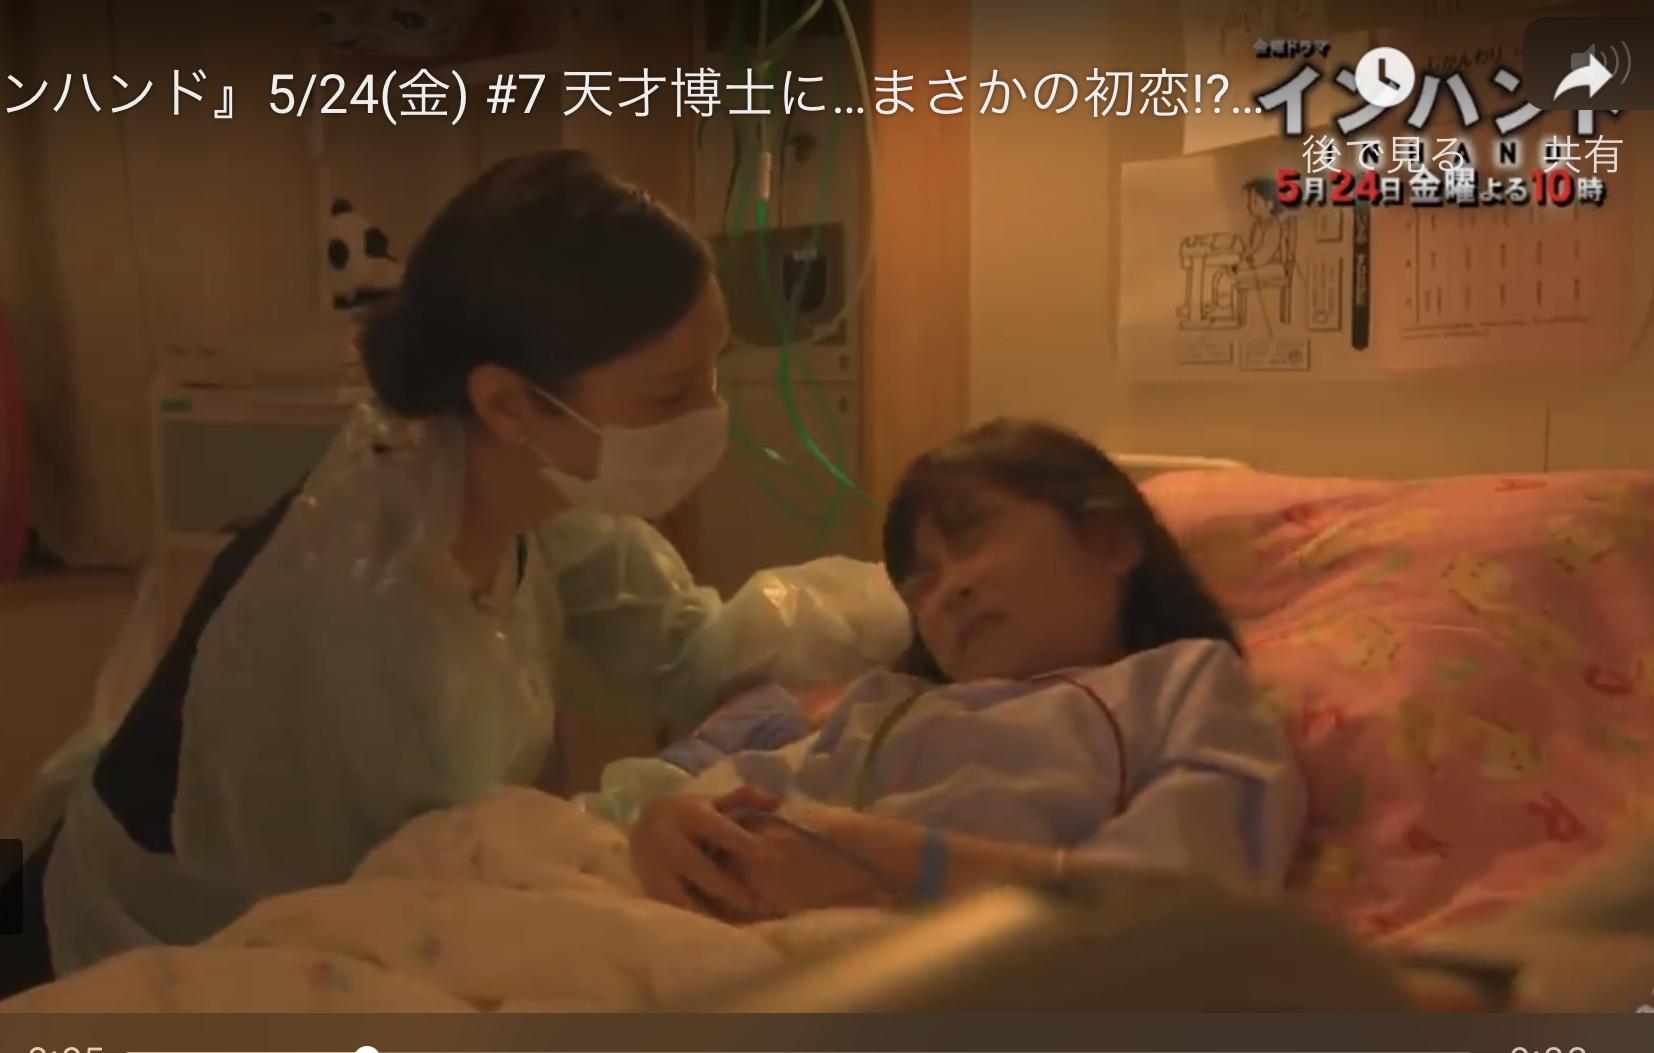 インハンドネタバレ第7話牧野と紐倉博士の恋の行方は?